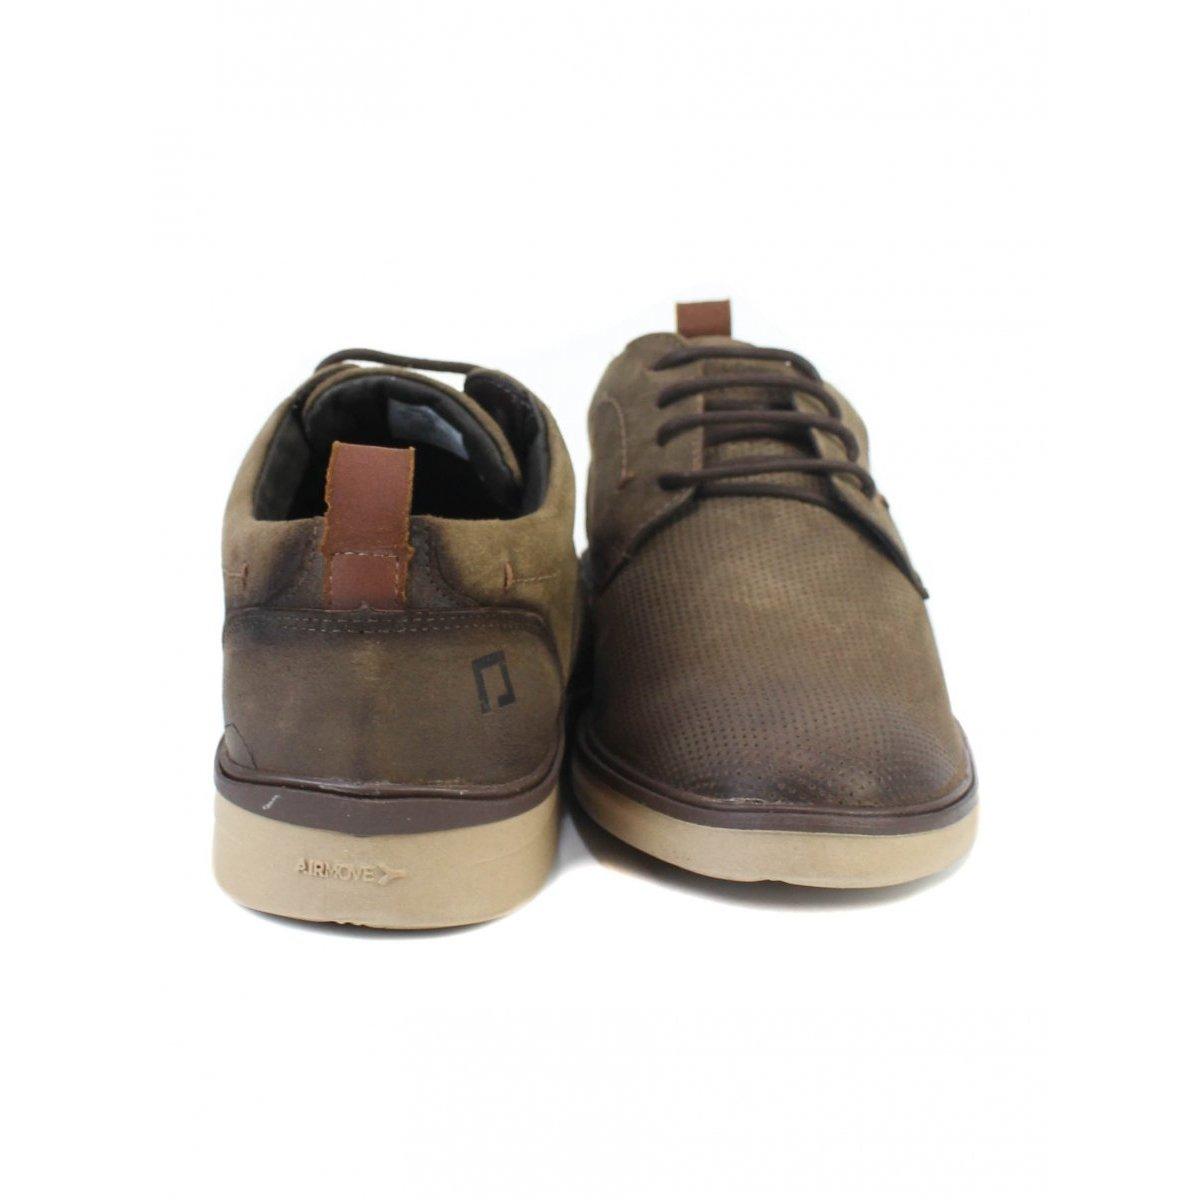 Marrom Pipper Sapato Sapato Casual Casual Smith S8npU6wxq